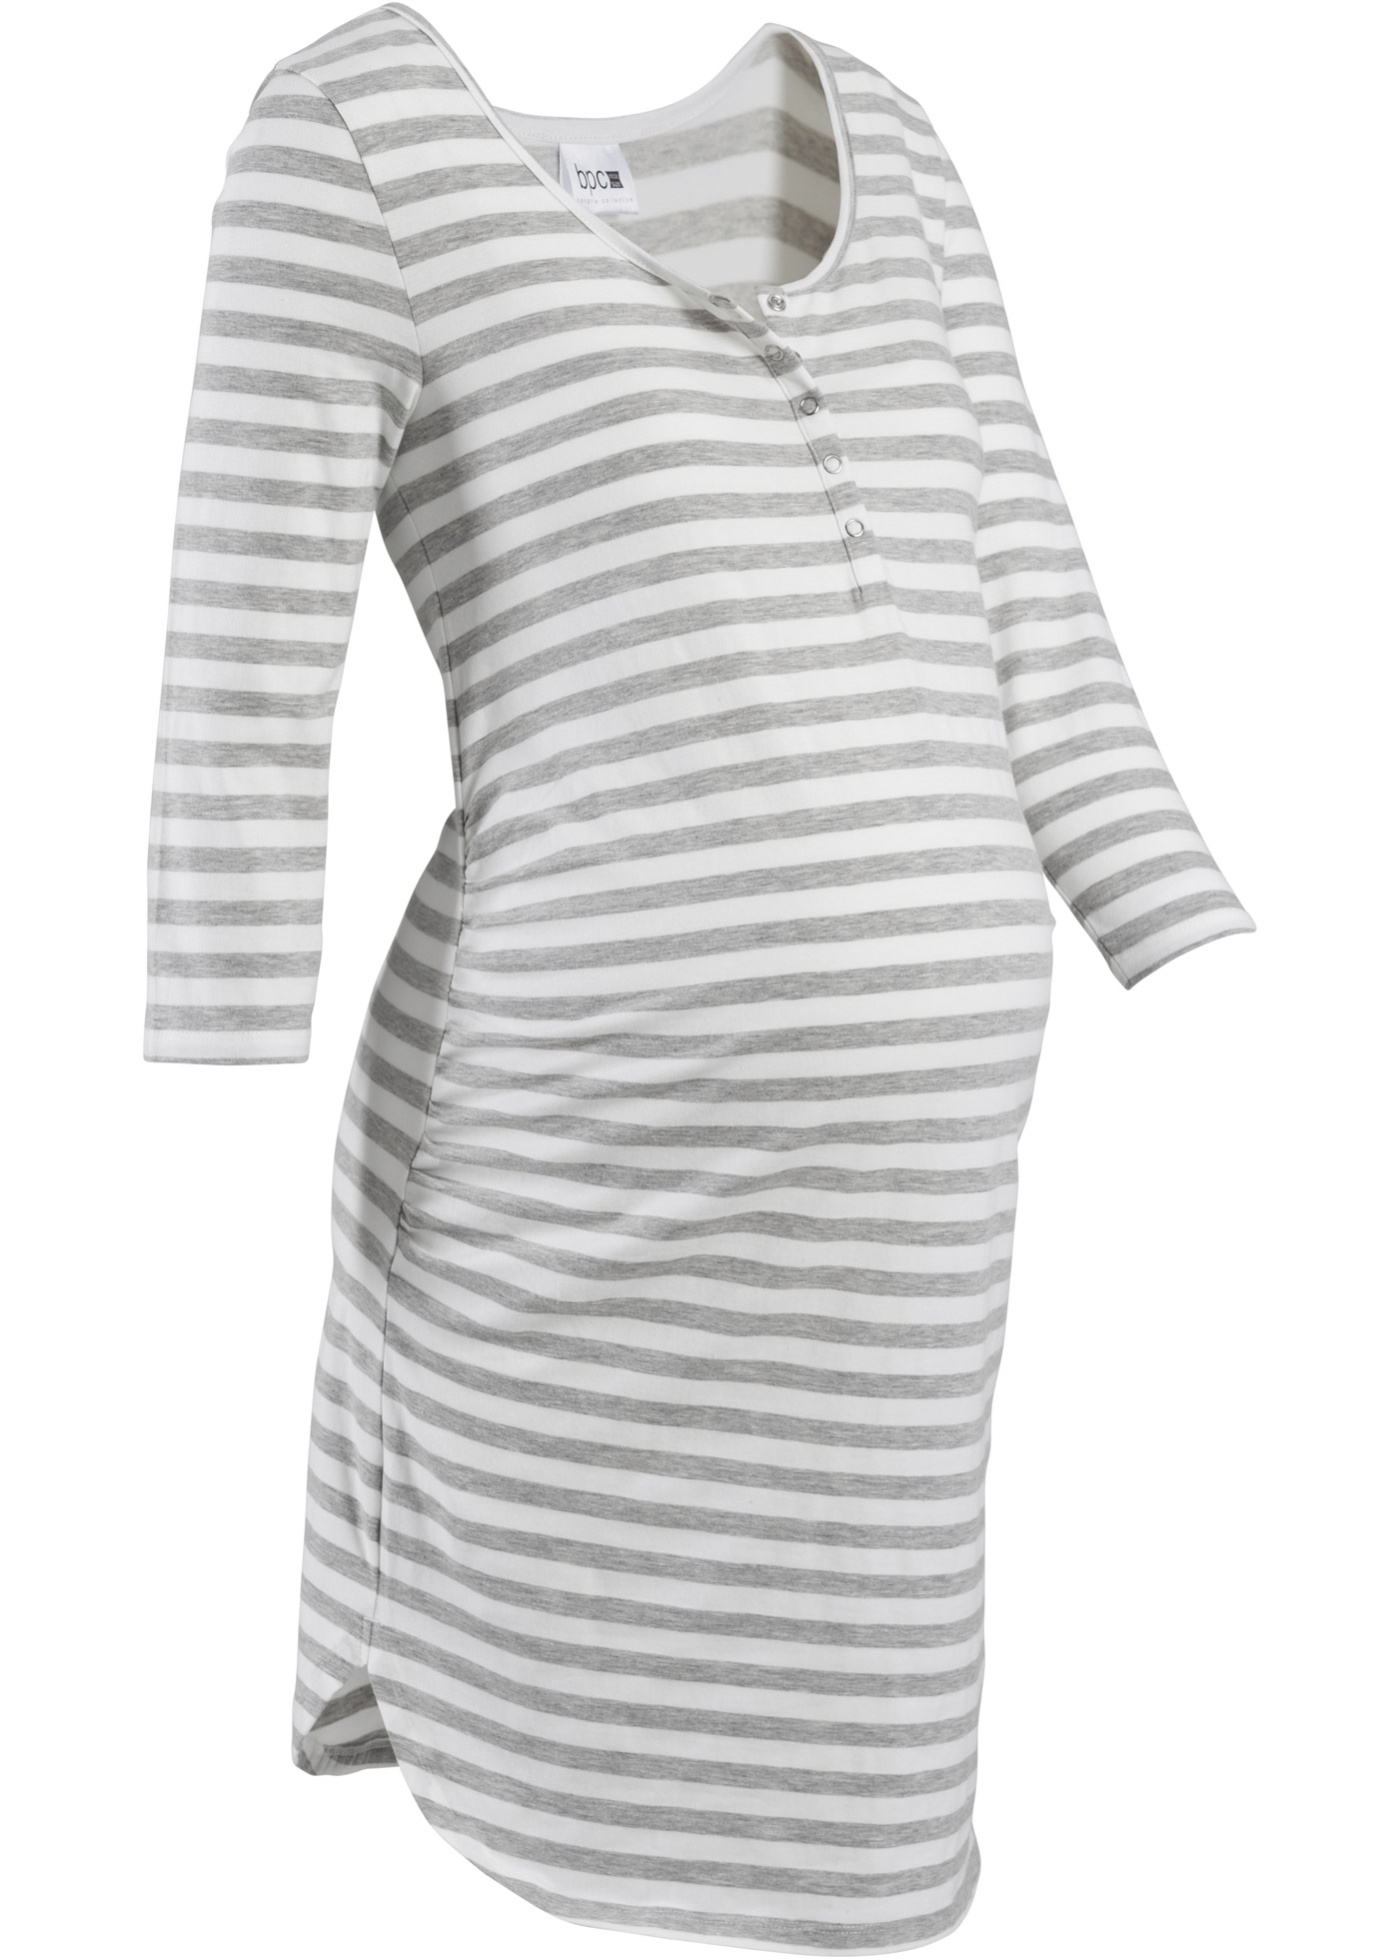 Camicia da notte per l'allattamento (Grigio) - bpc bonprix collection - Nice Size